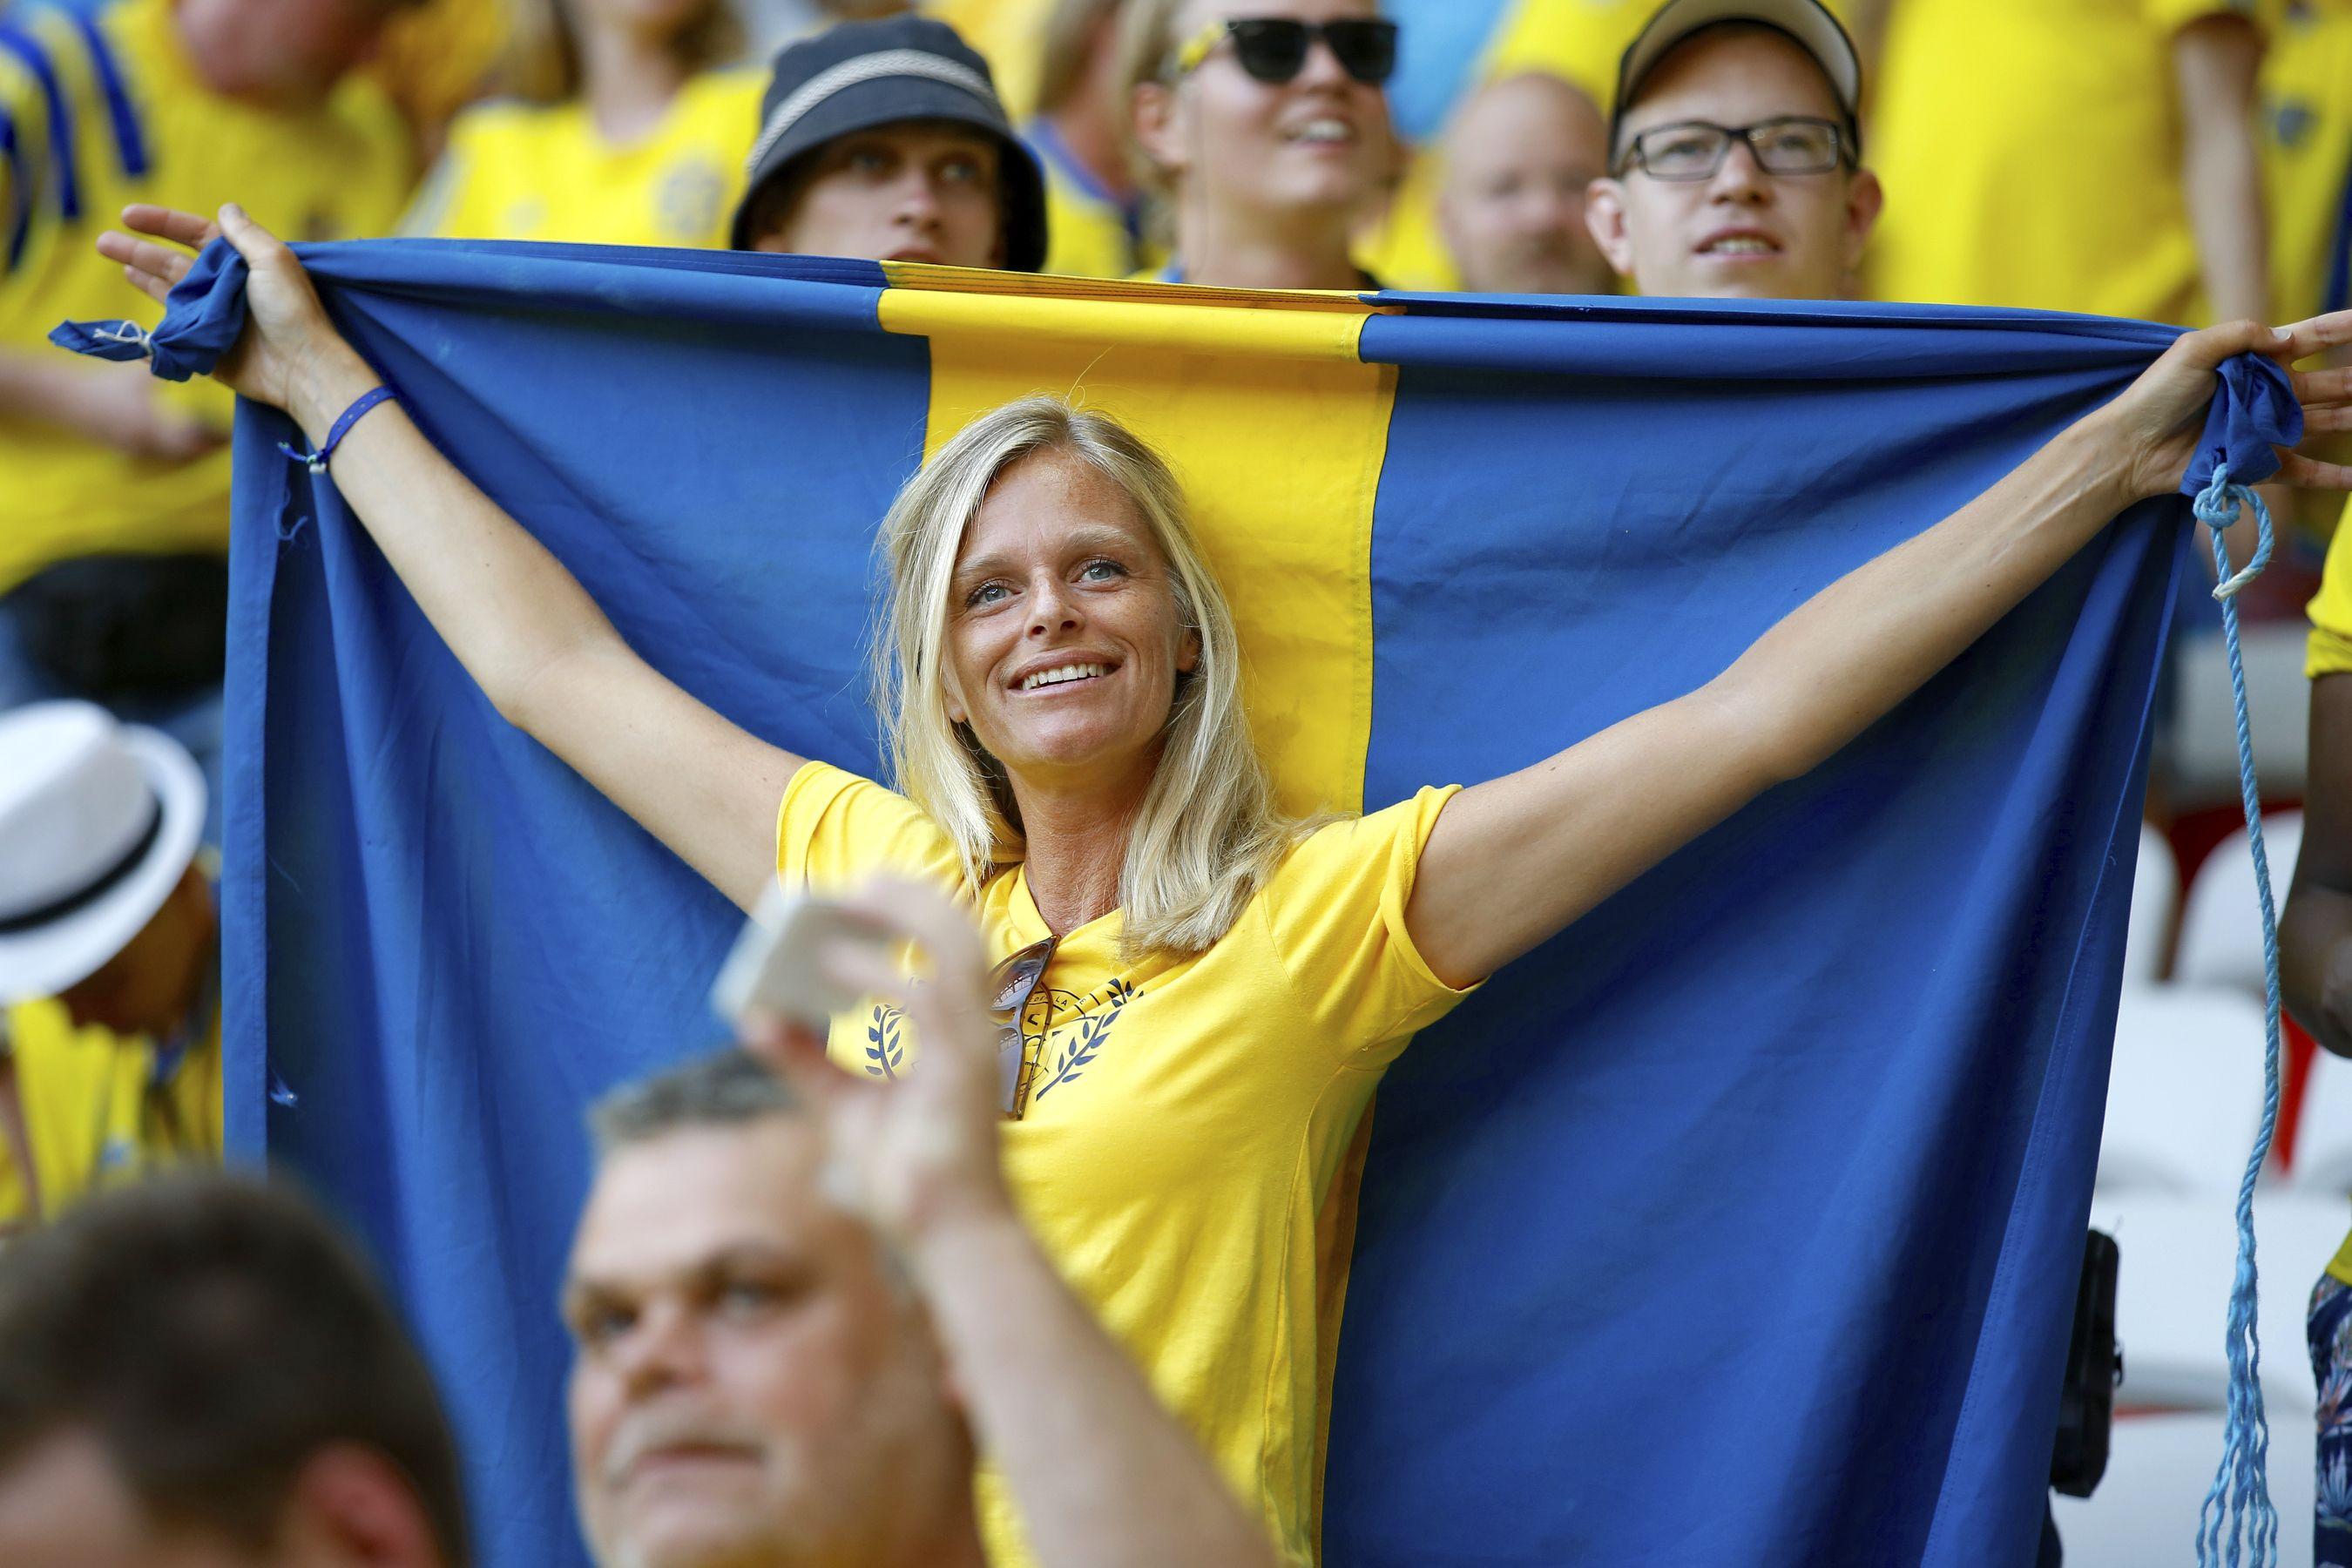 Sverige fortsatt etta pa varldsrankingen